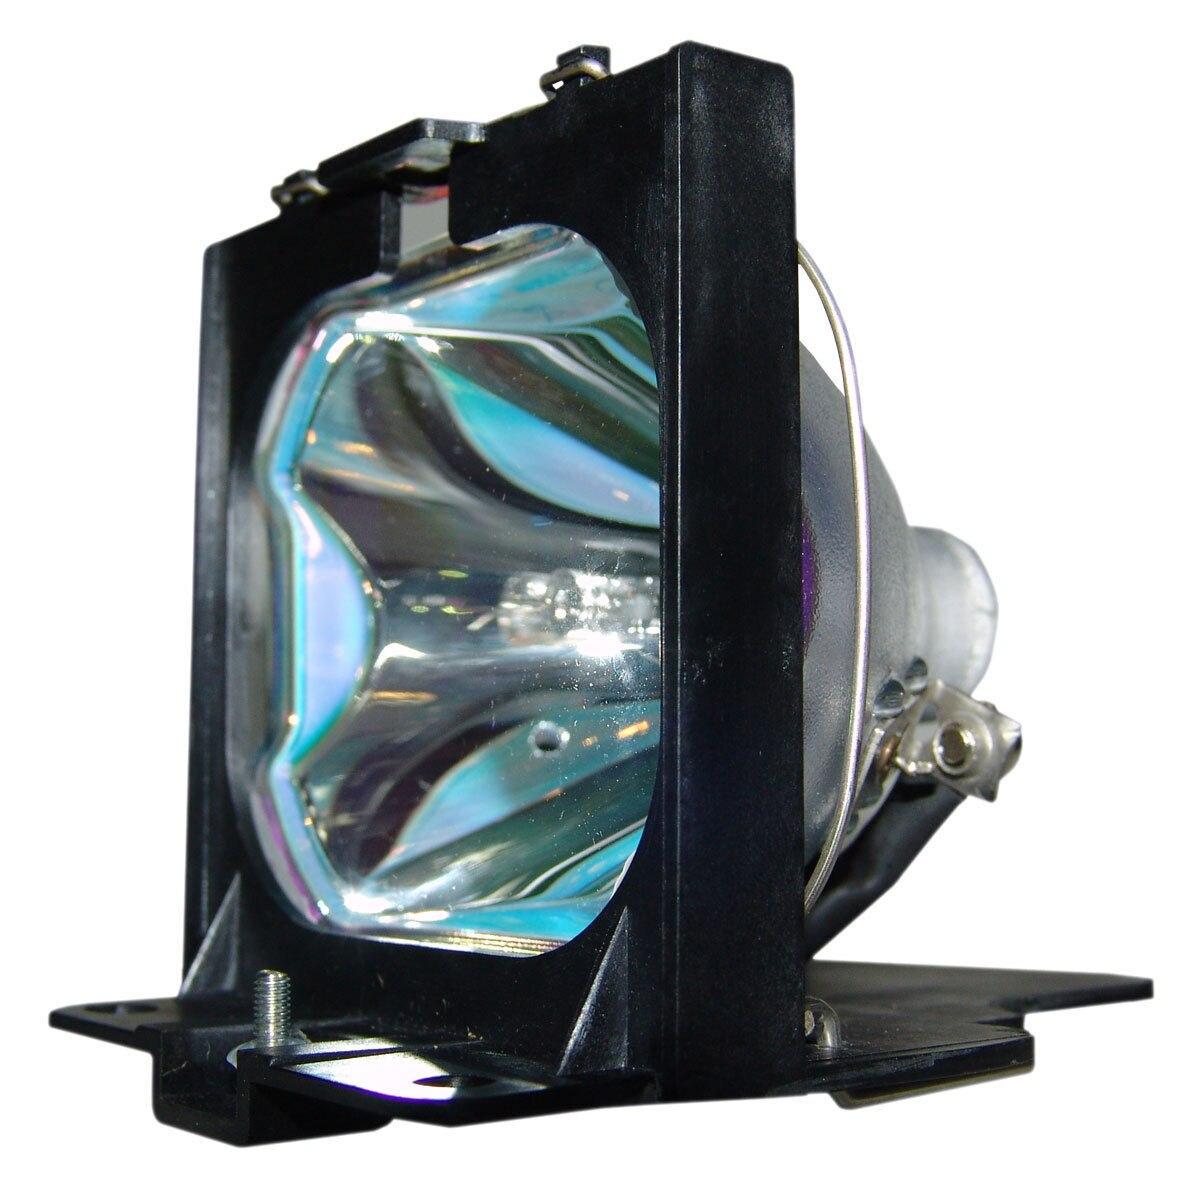 LMP-600 LMP600 pour Sony VPL-SC60 VPL-S600 VPL-SC50 VPL-X1000 VPL-X900 VPL-X600 VPL-XC50 Lampe De Projecteur Avec Boîtier